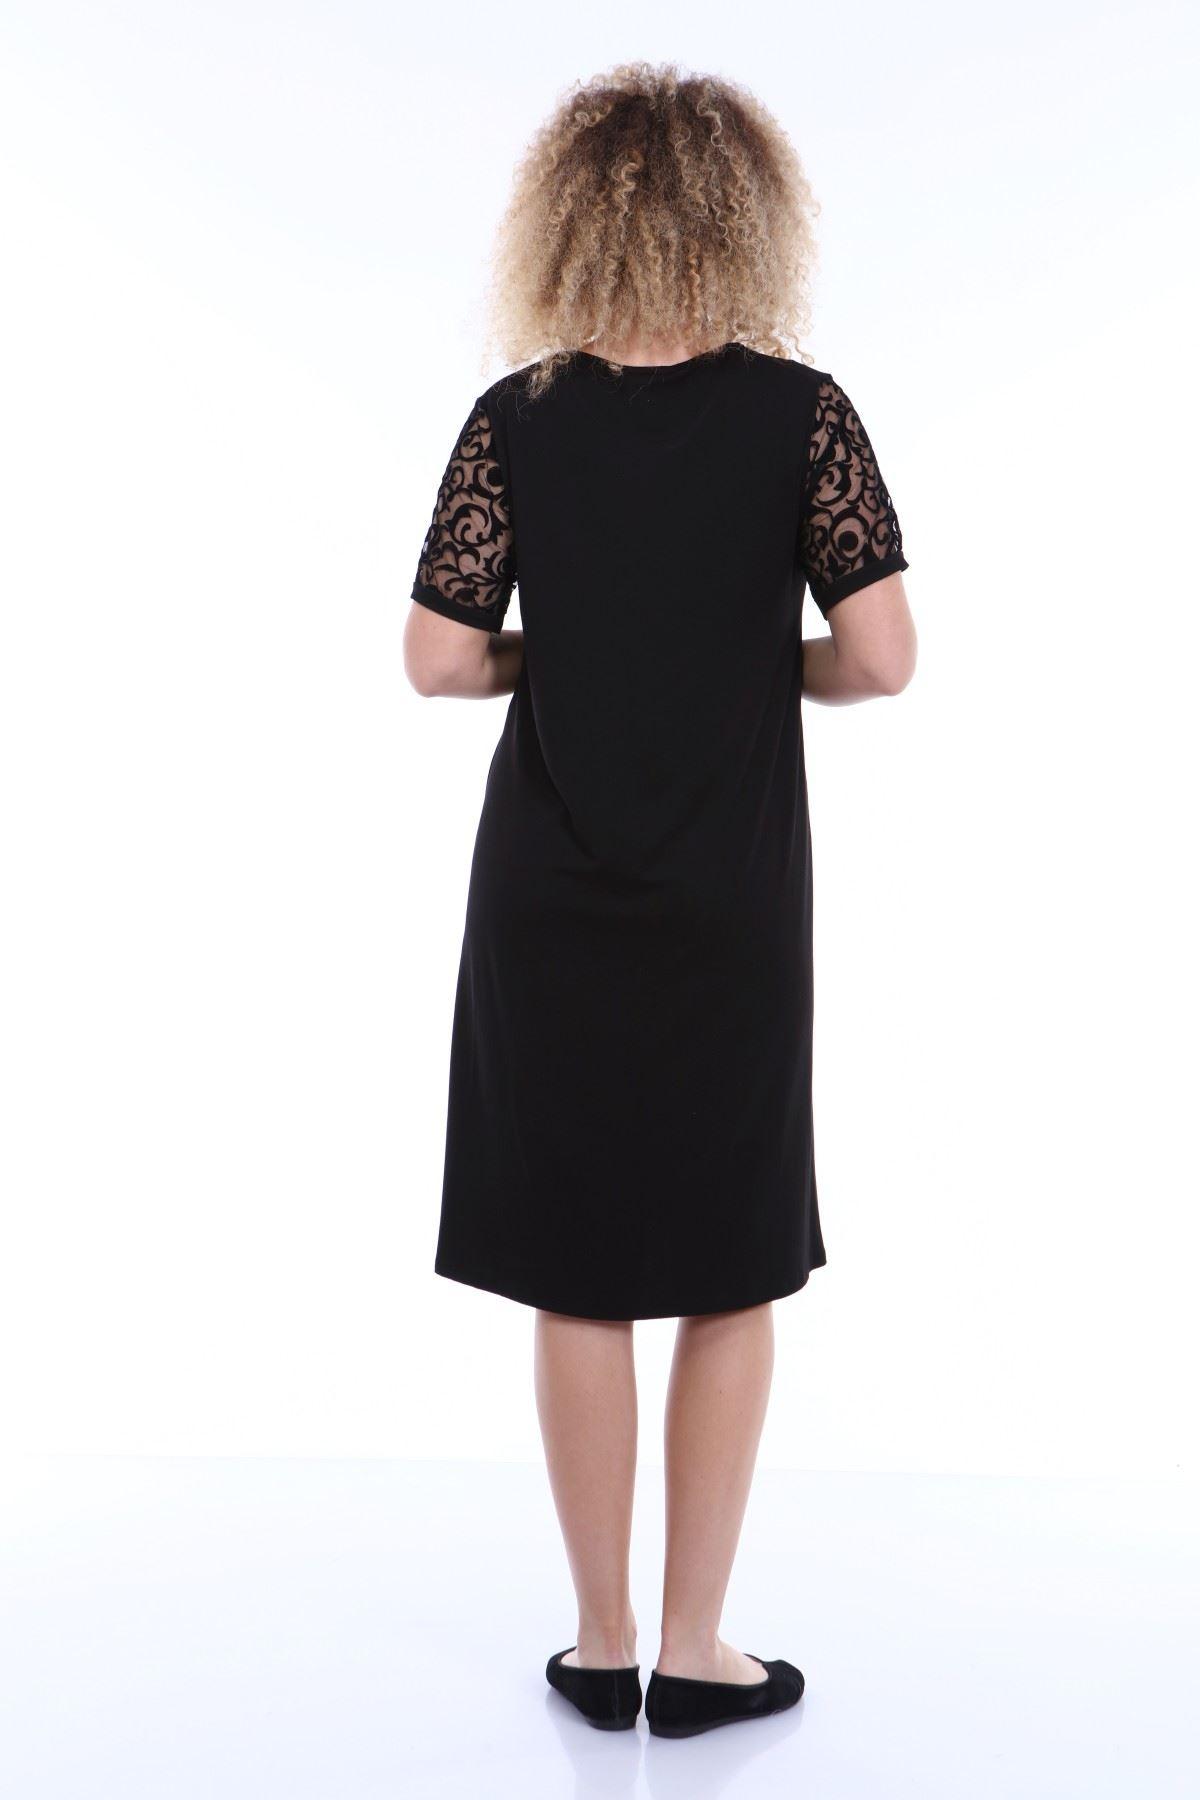 Kol Detaylı Siyah Elbise 4C-1793